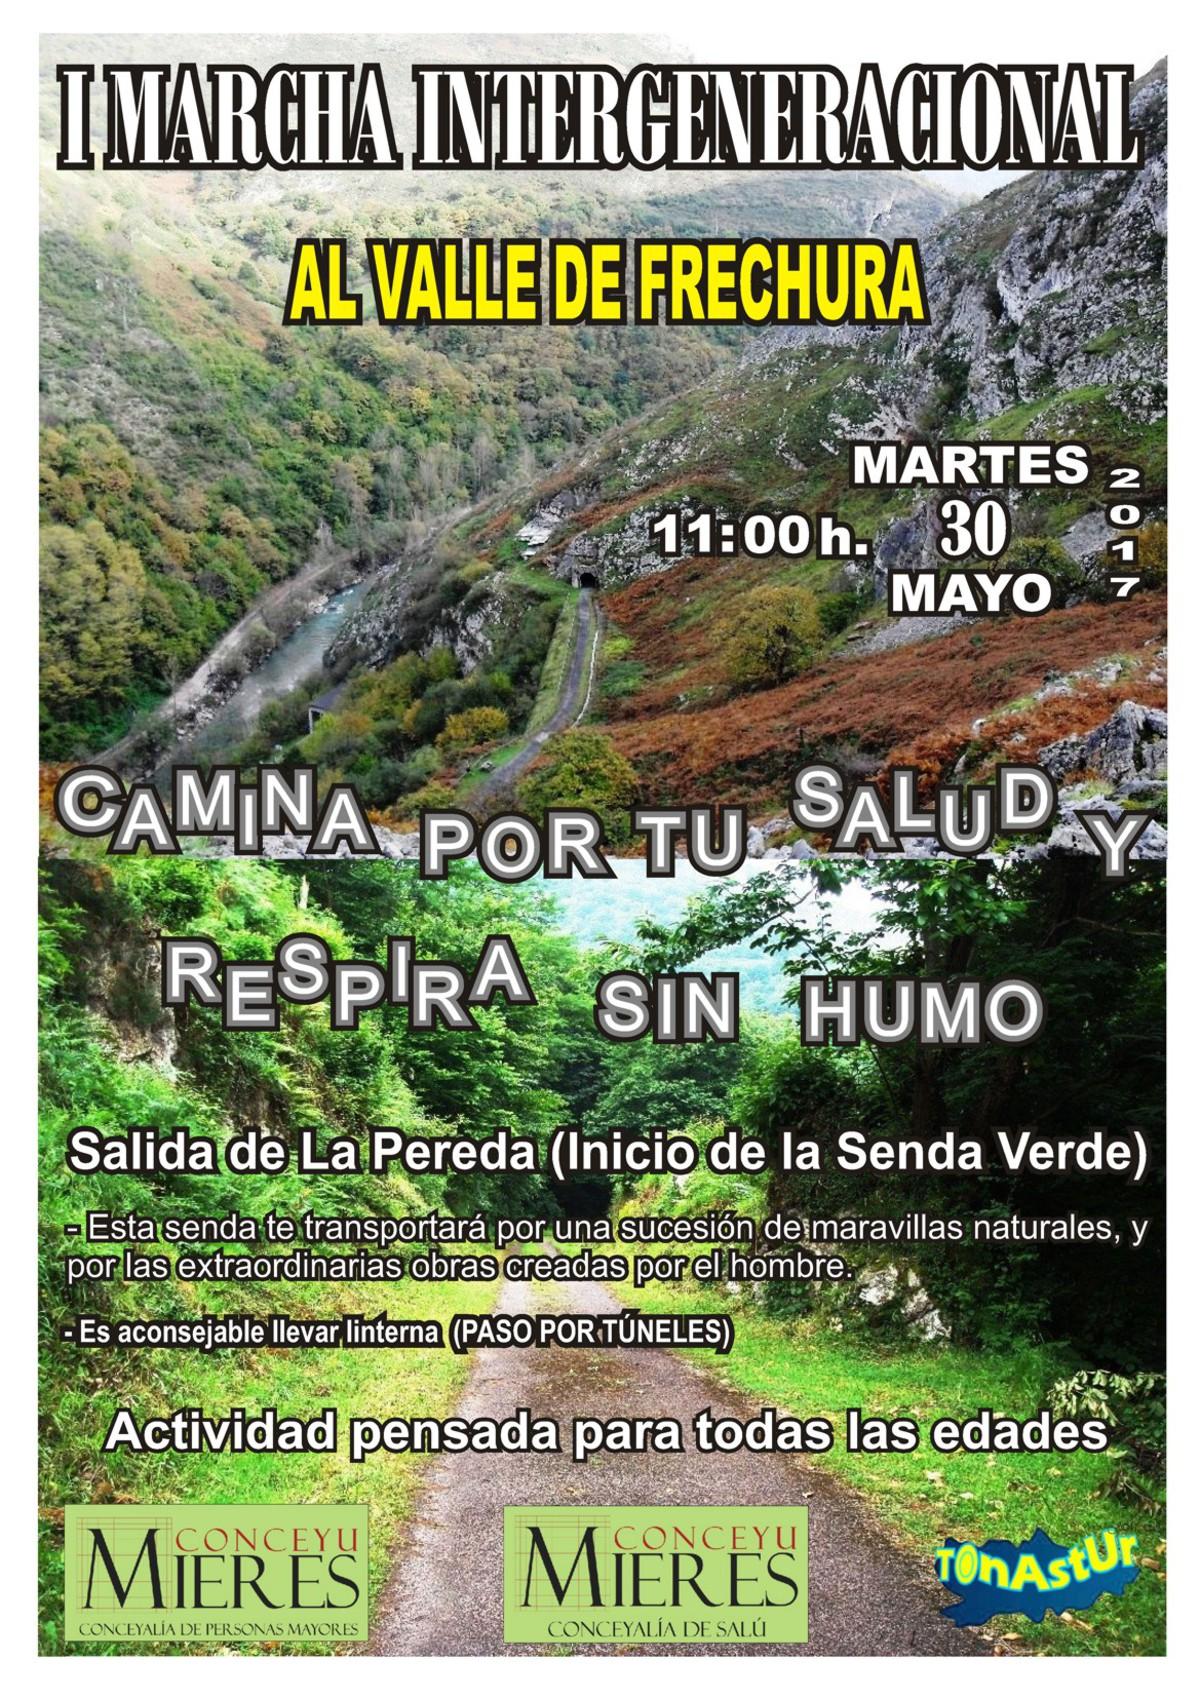 Cartel web I Marcha Intergeneracional LA PEREDA FRECHURA 30 -  5 - 2017